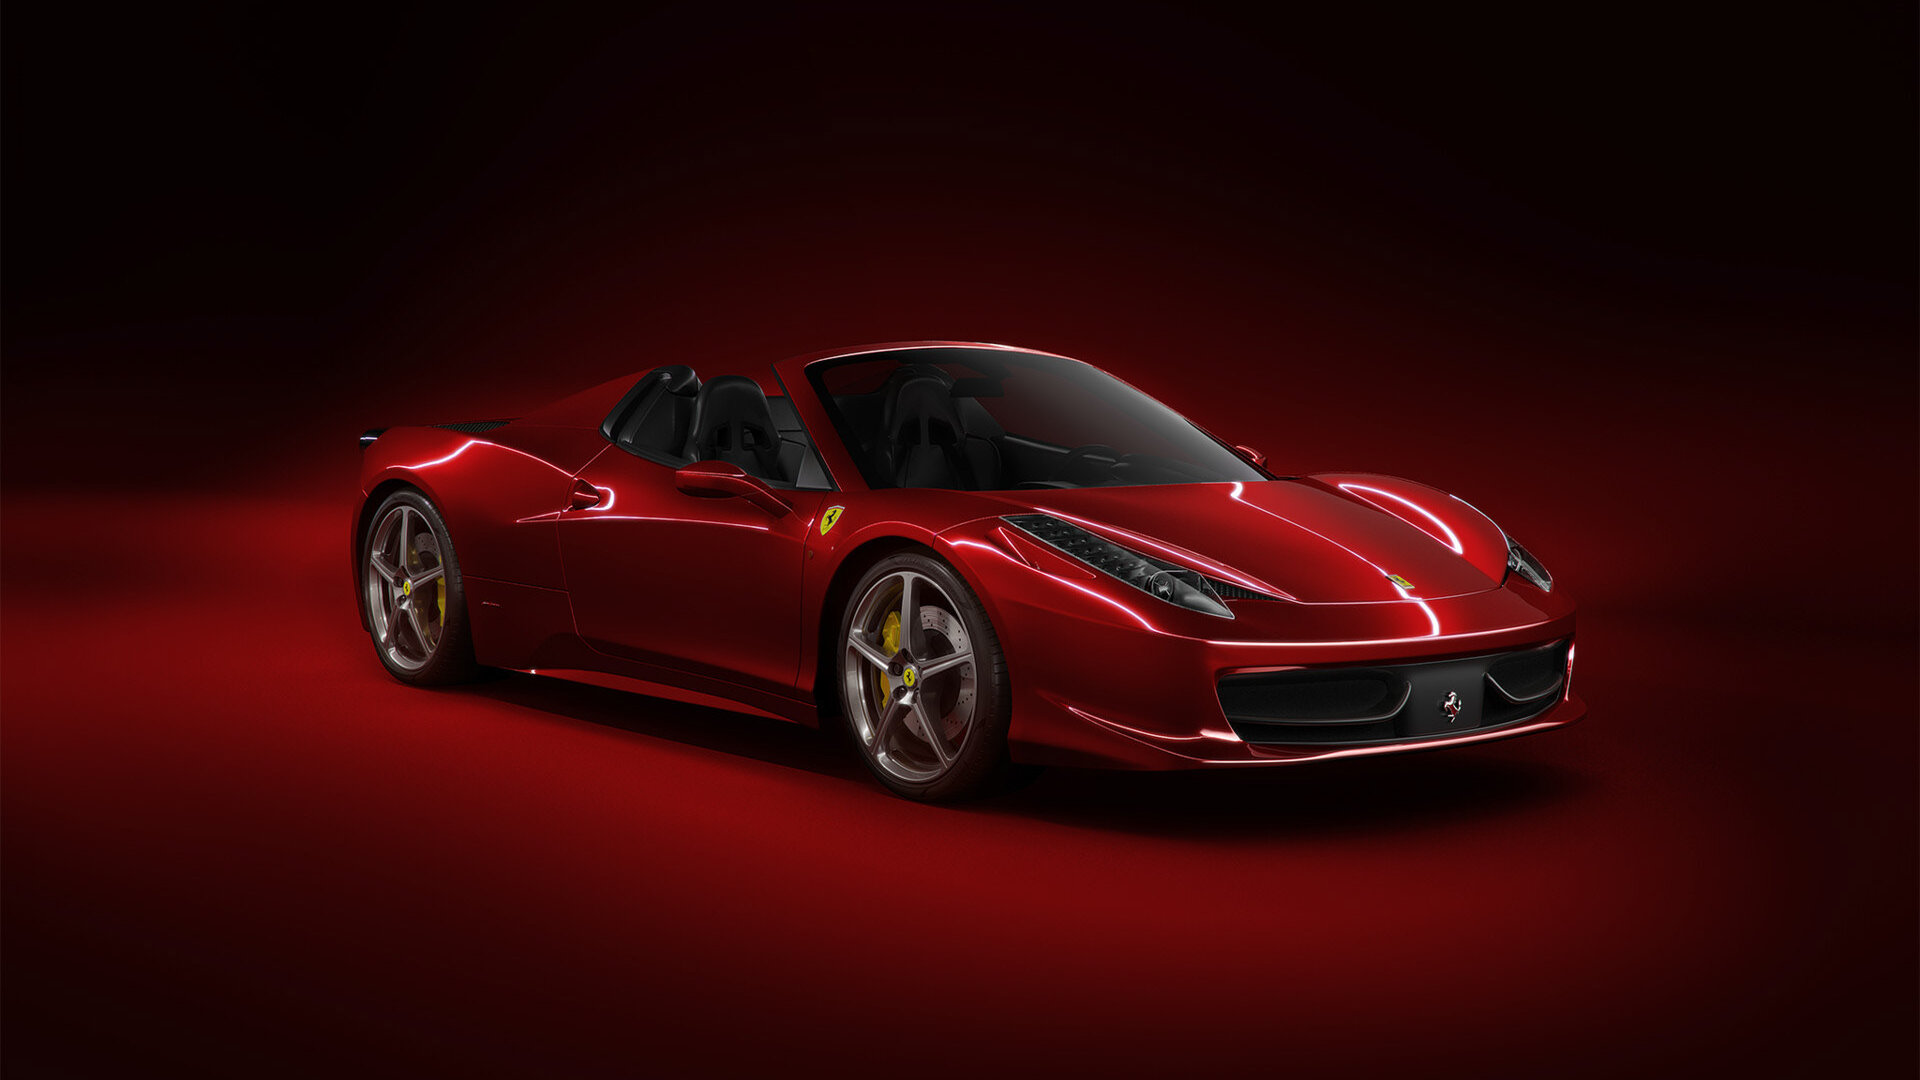 1920x1080 Red Ferrari New Laptop Full HD 1080P HD 4k ...